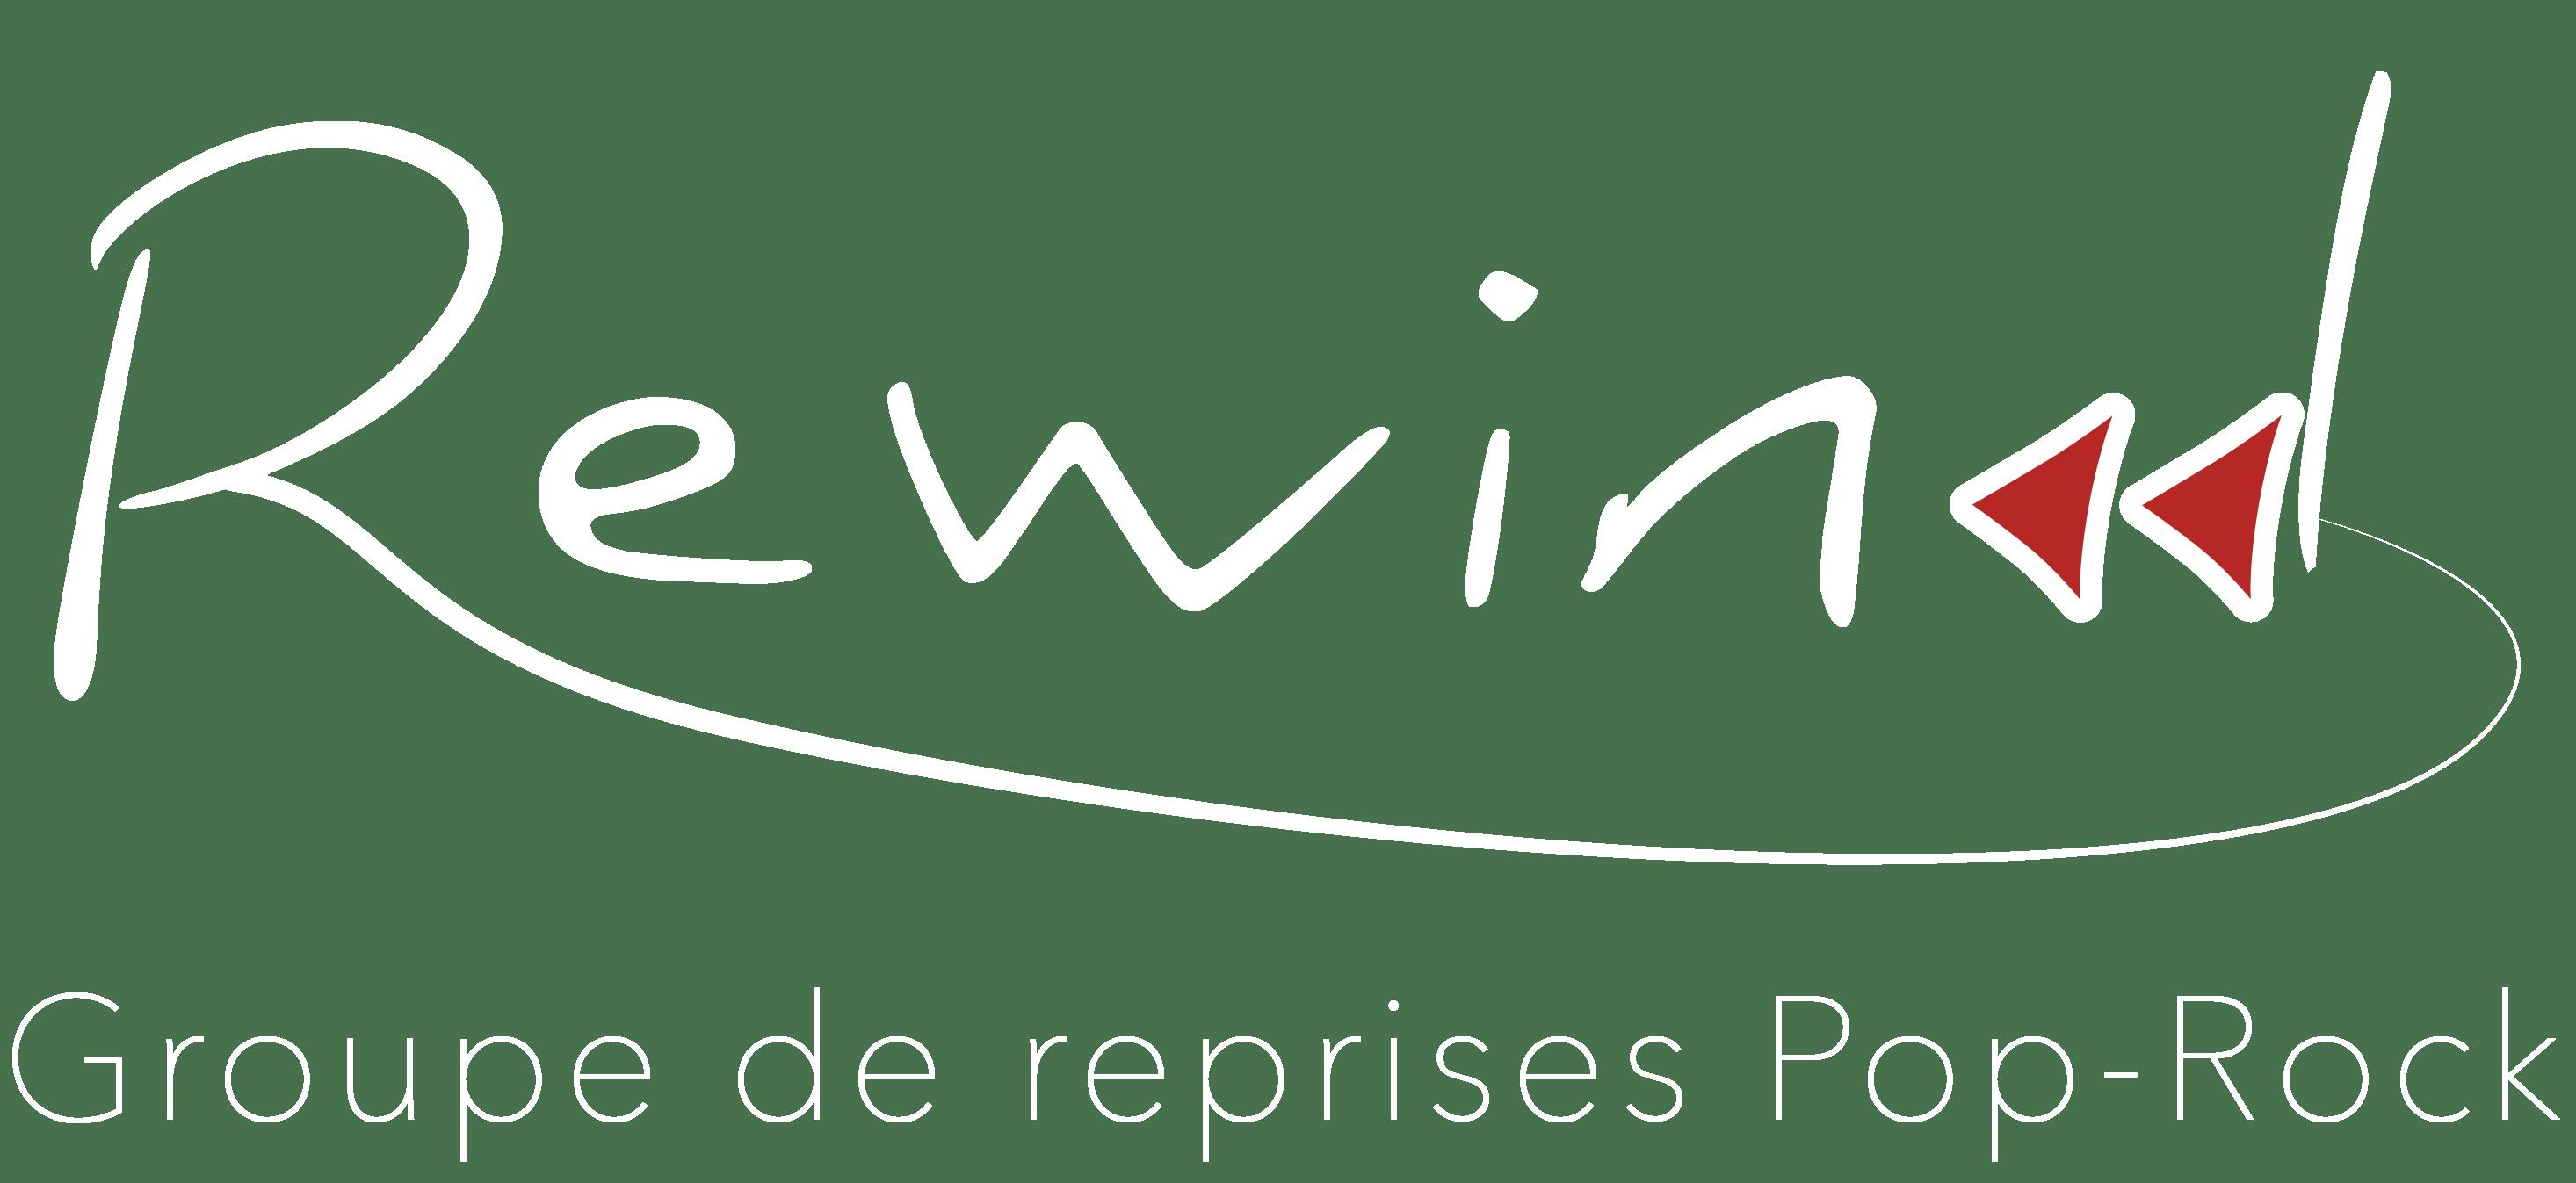 Logo Groupe Rewind